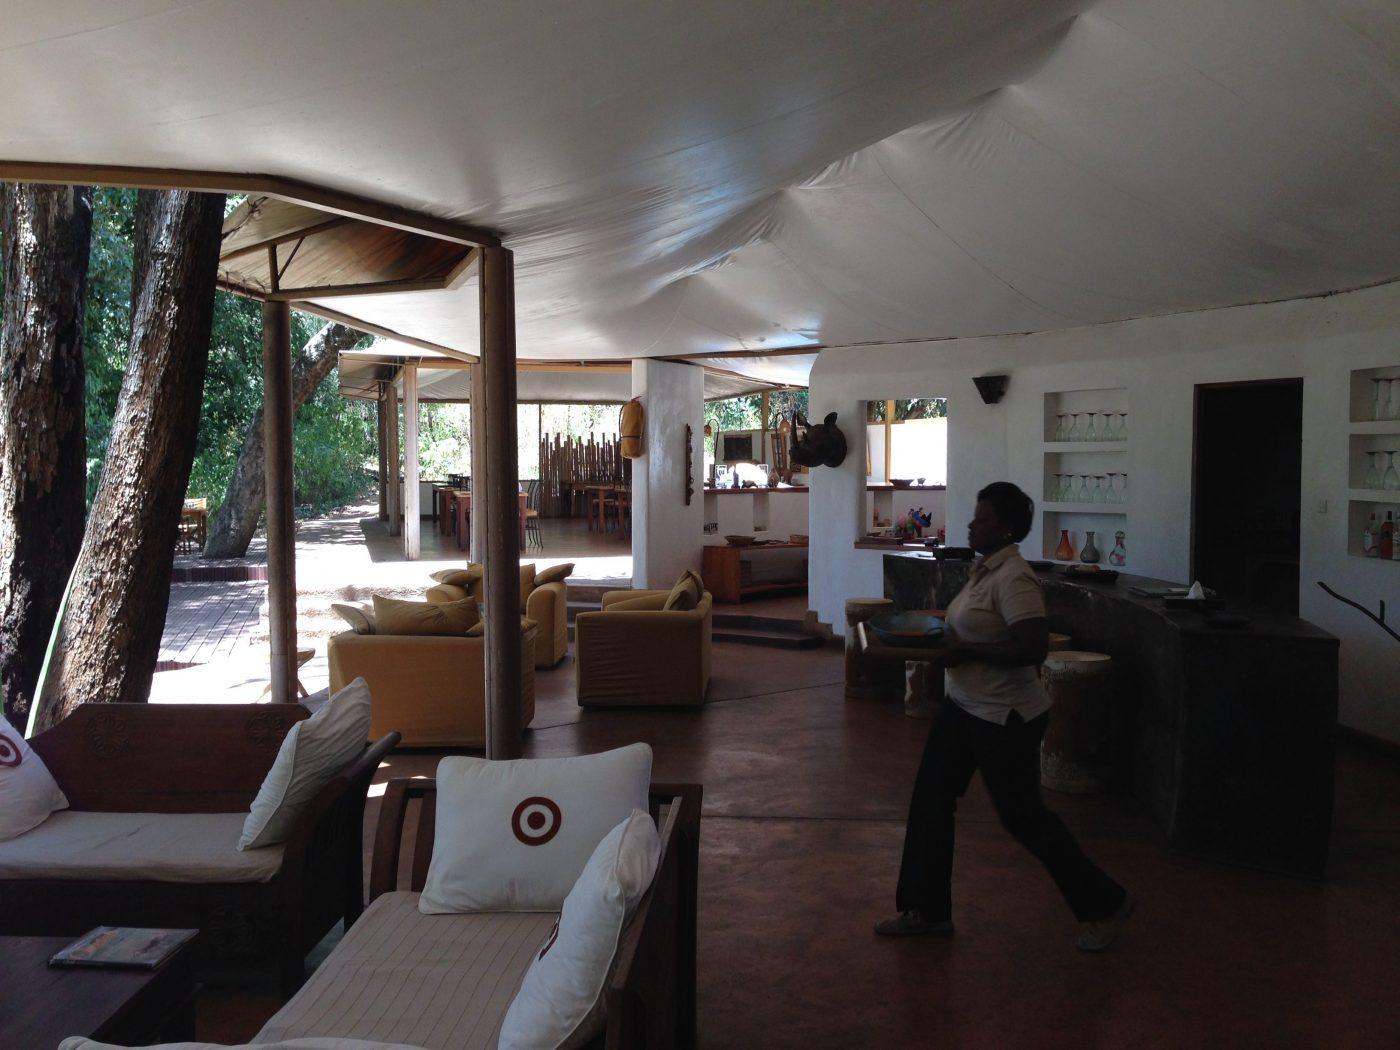 Safari Lodges in Kenya: Rhino River Camp common area